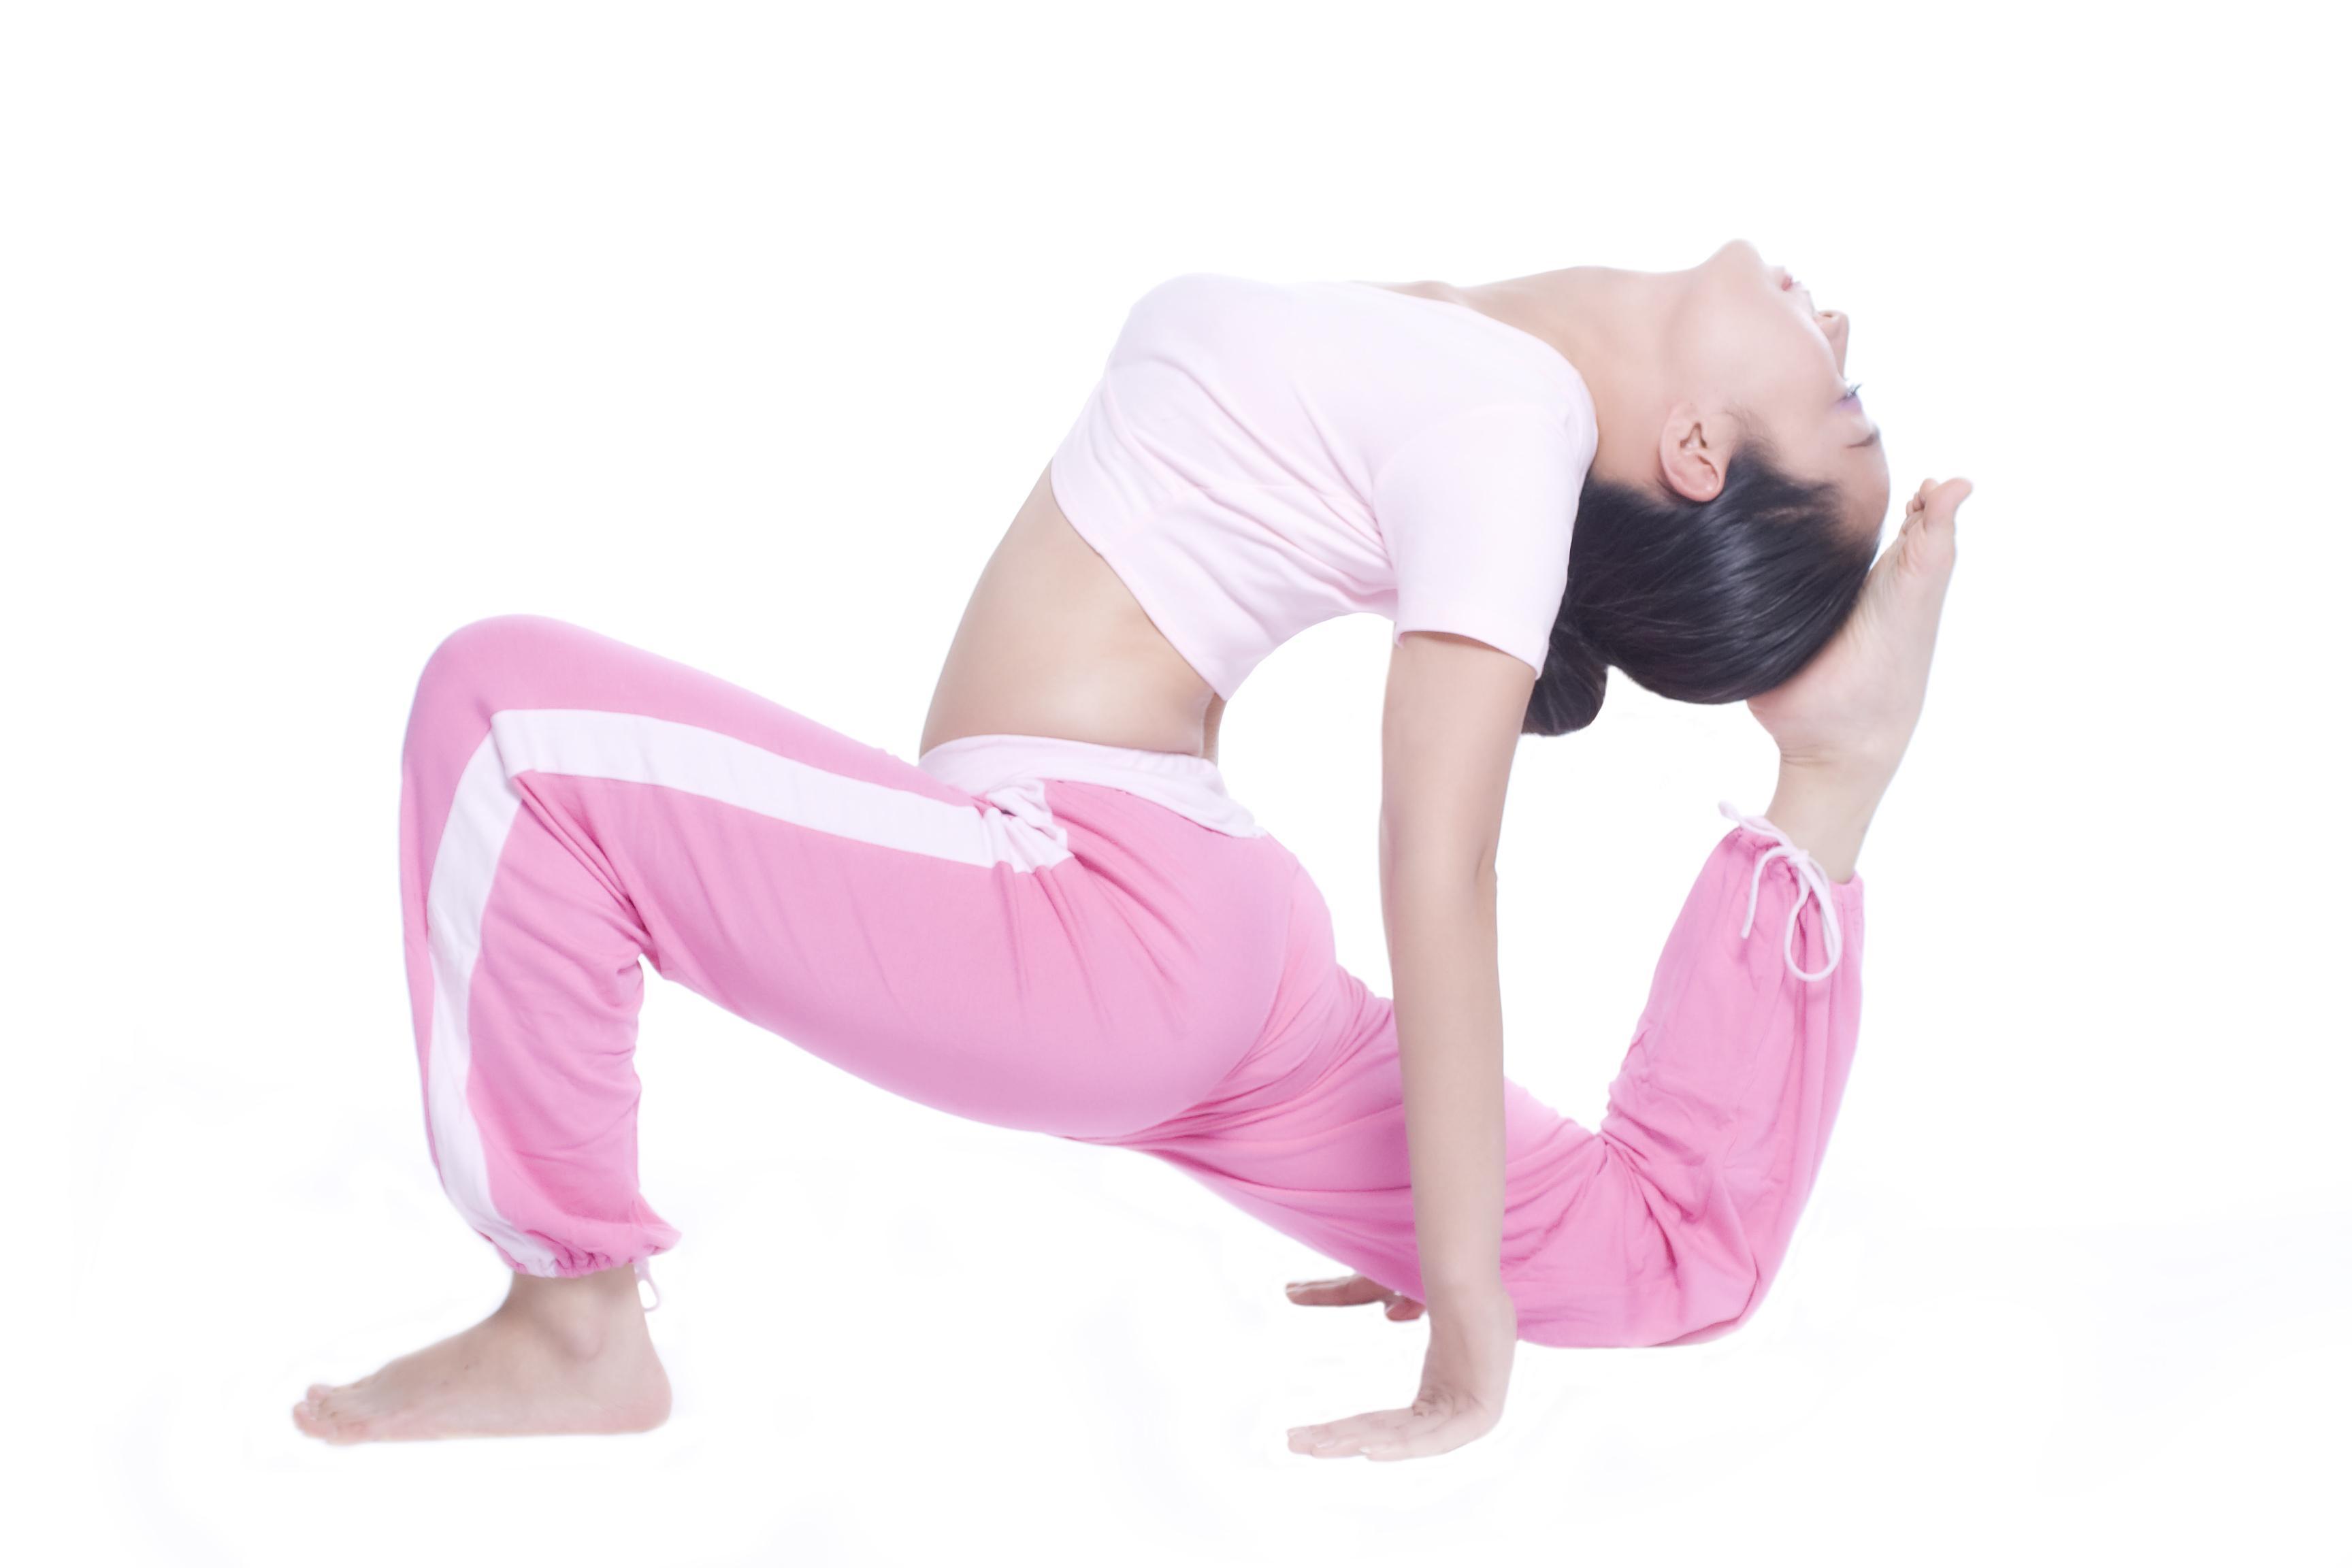 瑜伽是你很好的身体投资 瑜伽学习